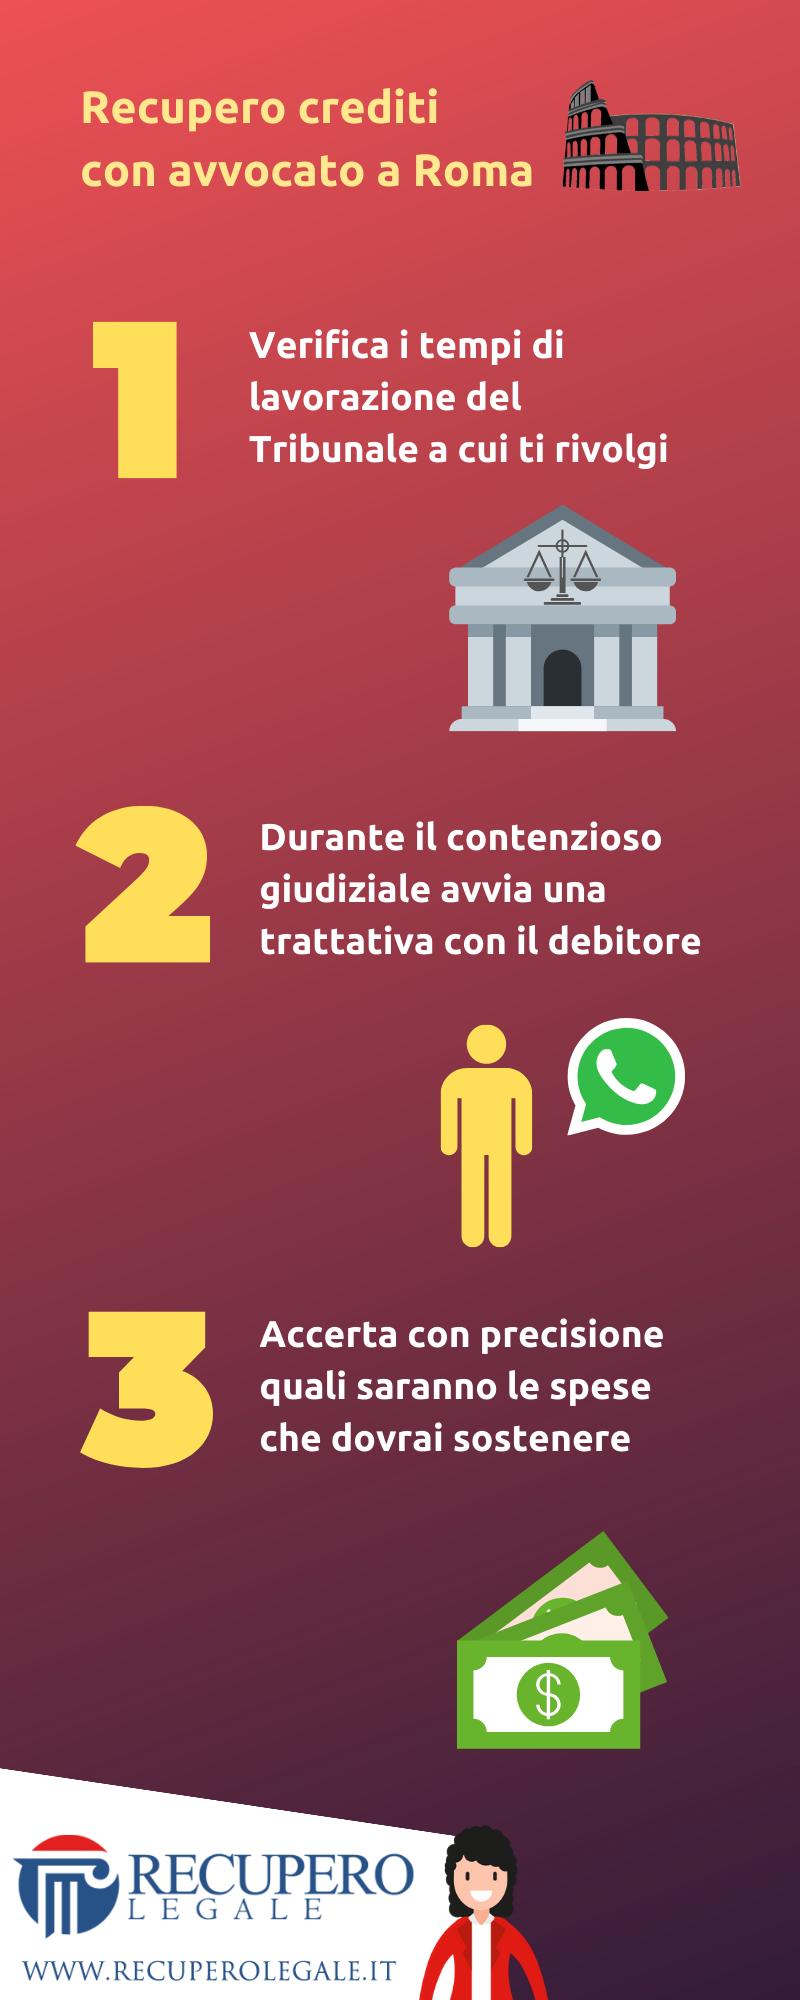 Recupero crediti con avvocato a Roma - la checklist